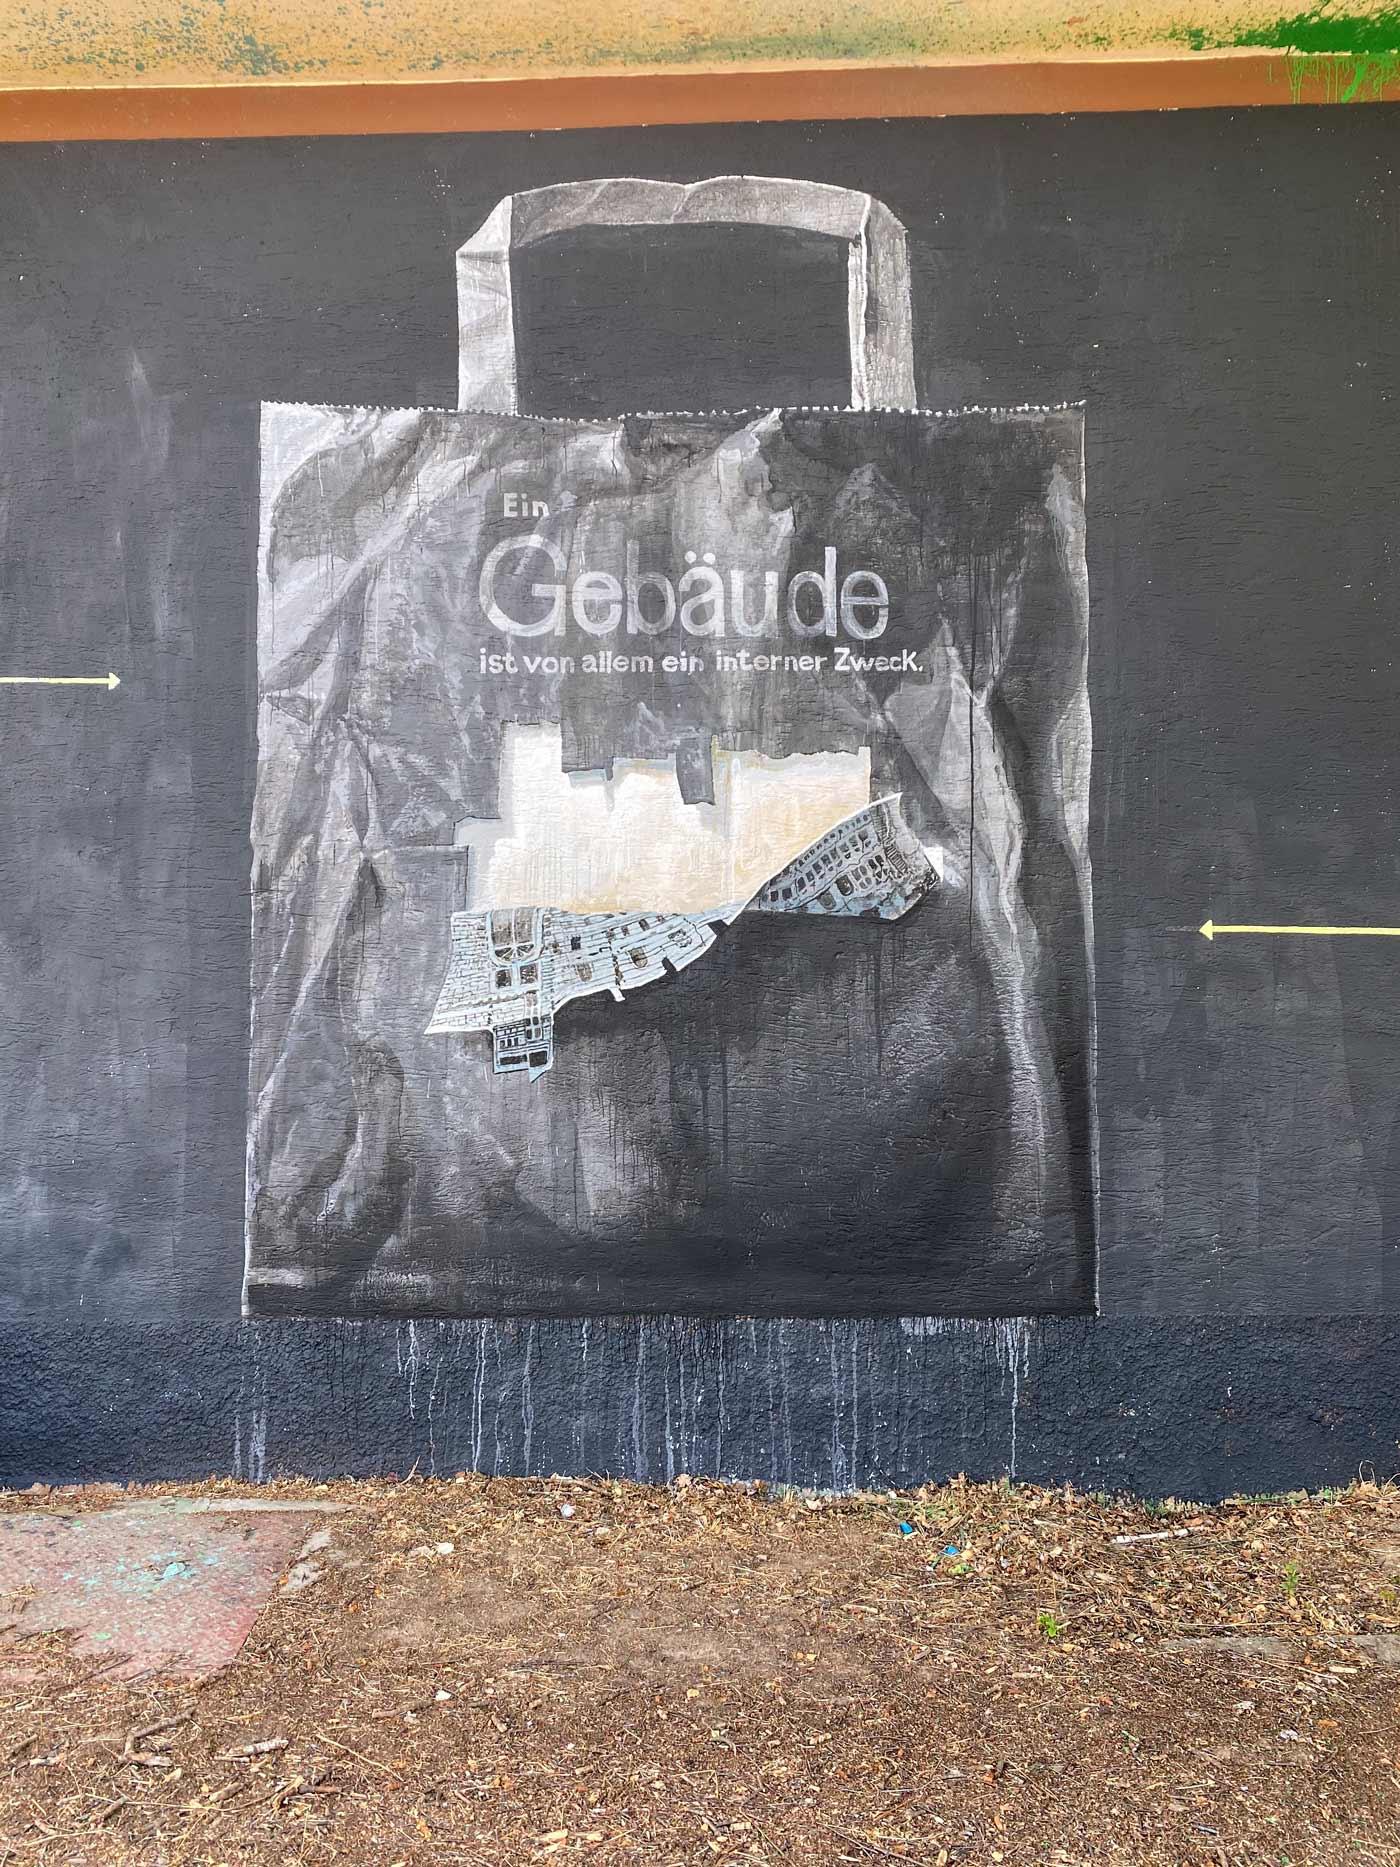 Wandkunst in düsteren Farben mit Abbildung einer Einkaufstüte